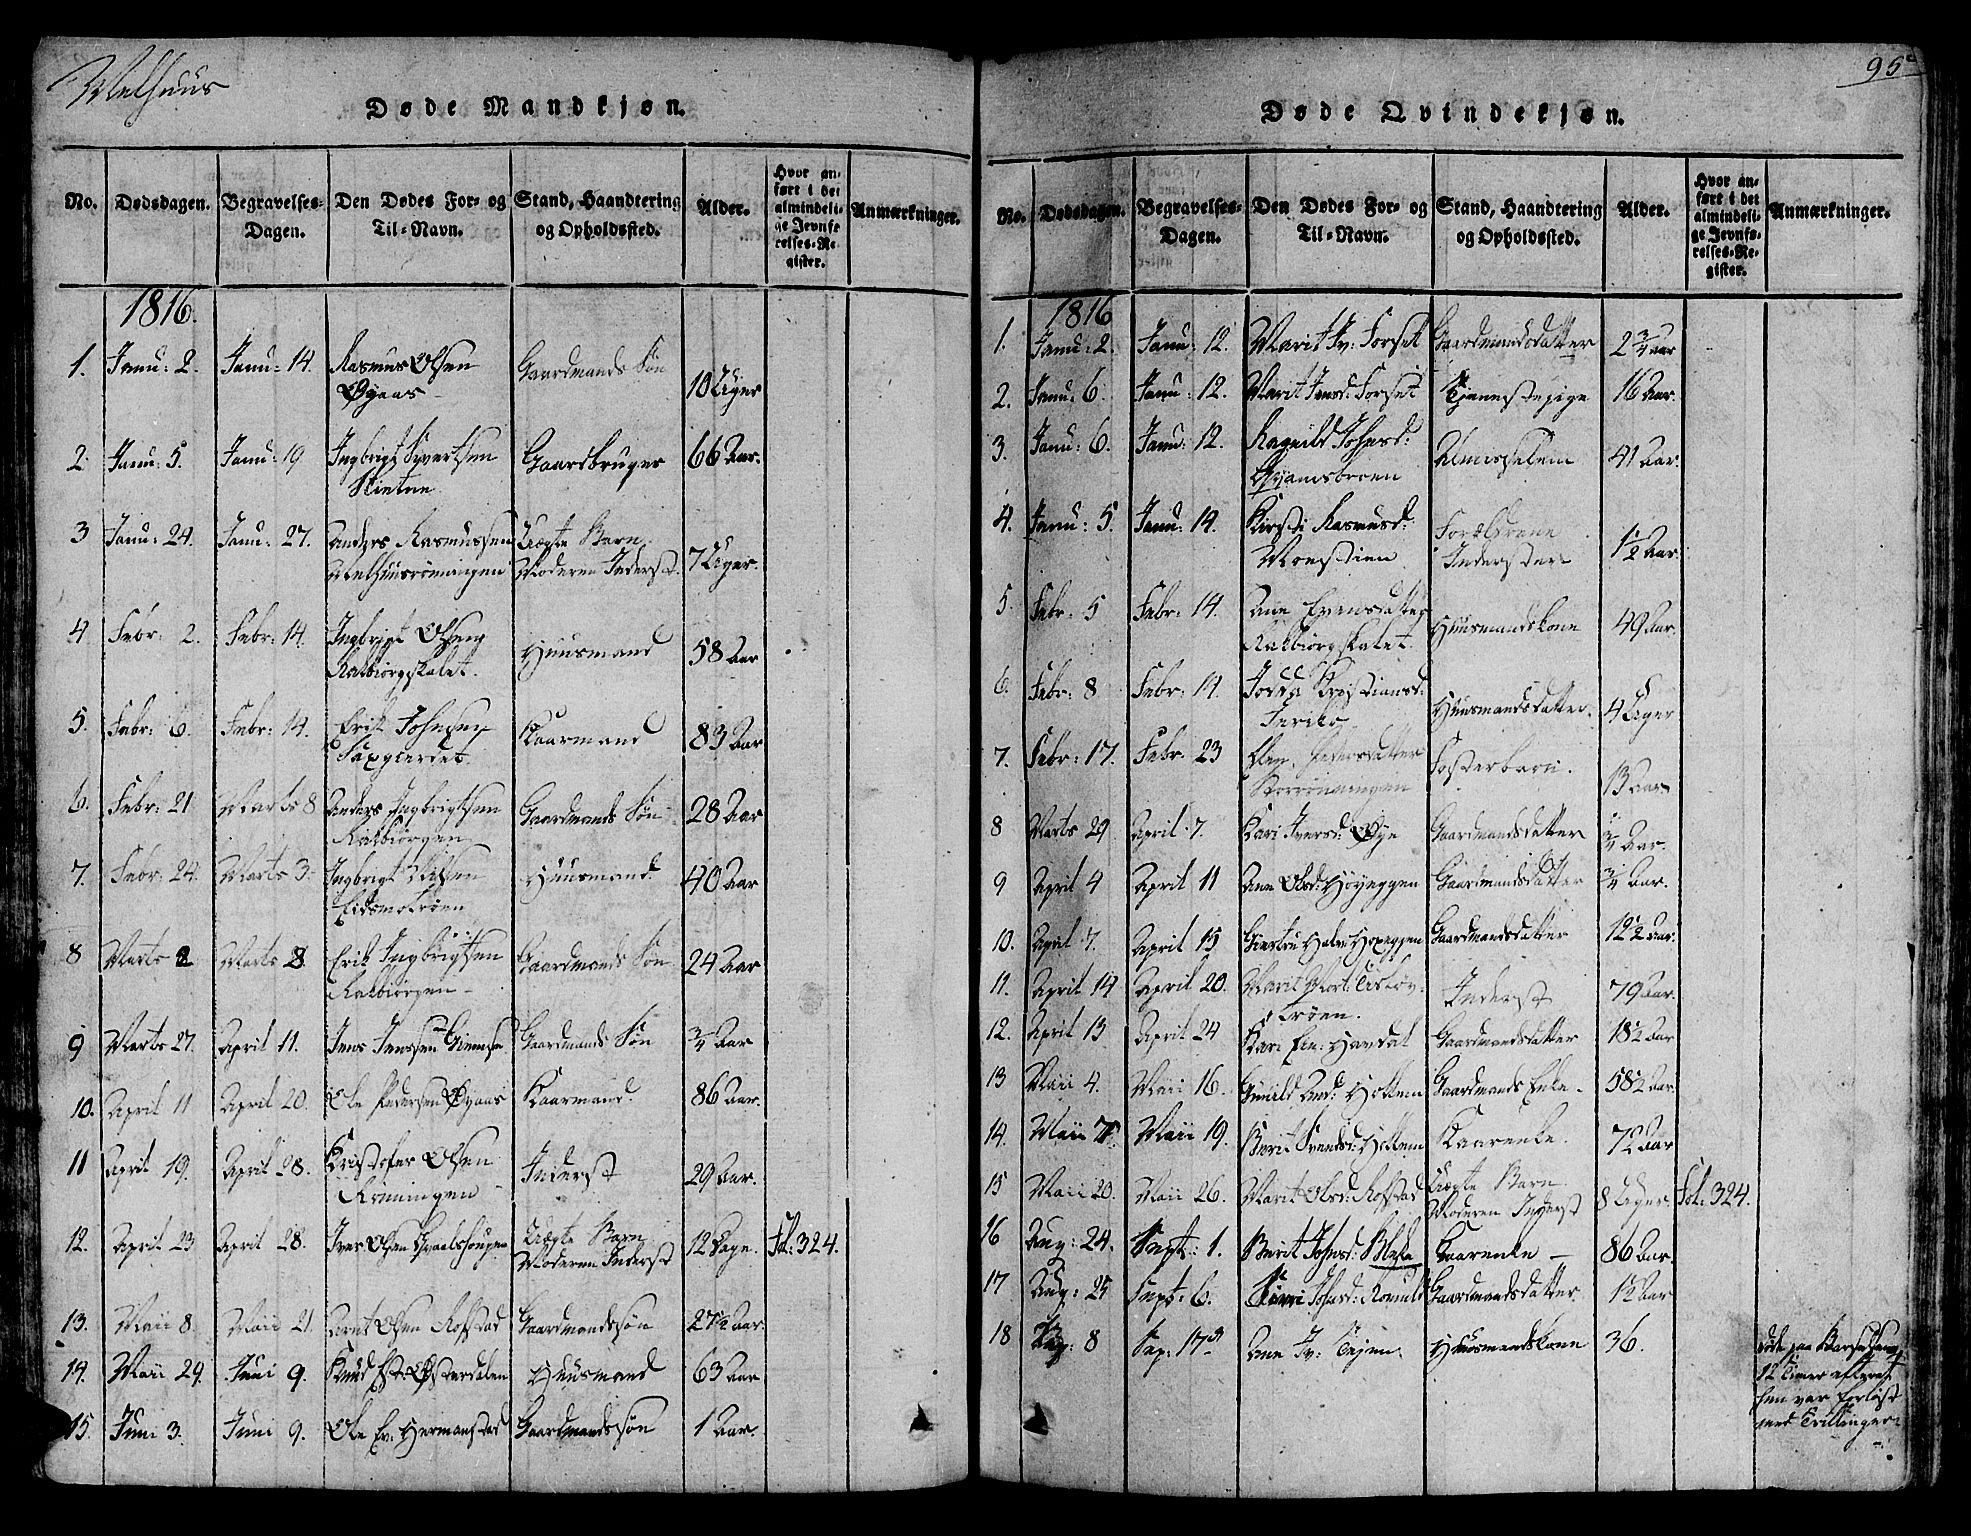 SAT, Ministerialprotokoller, klokkerbøker og fødselsregistre - Sør-Trøndelag, 691/L1065: Ministerialbok nr. 691A03 /1, 1816-1826, s. 95